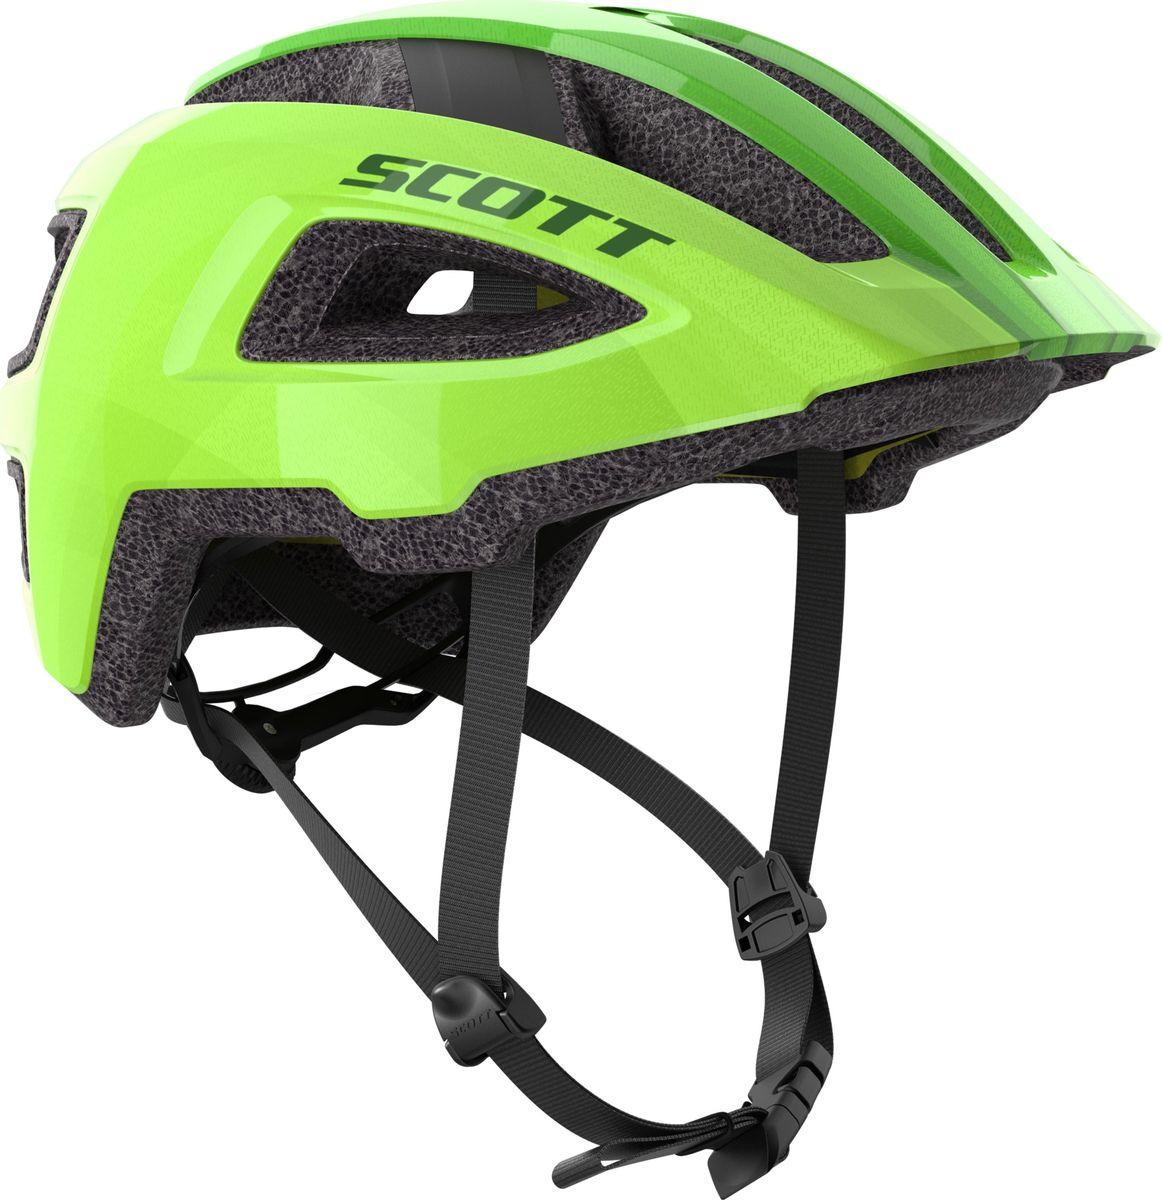 Шлем защитный Scott Groove Plus, 265532-0006, зеленый, размер M/L